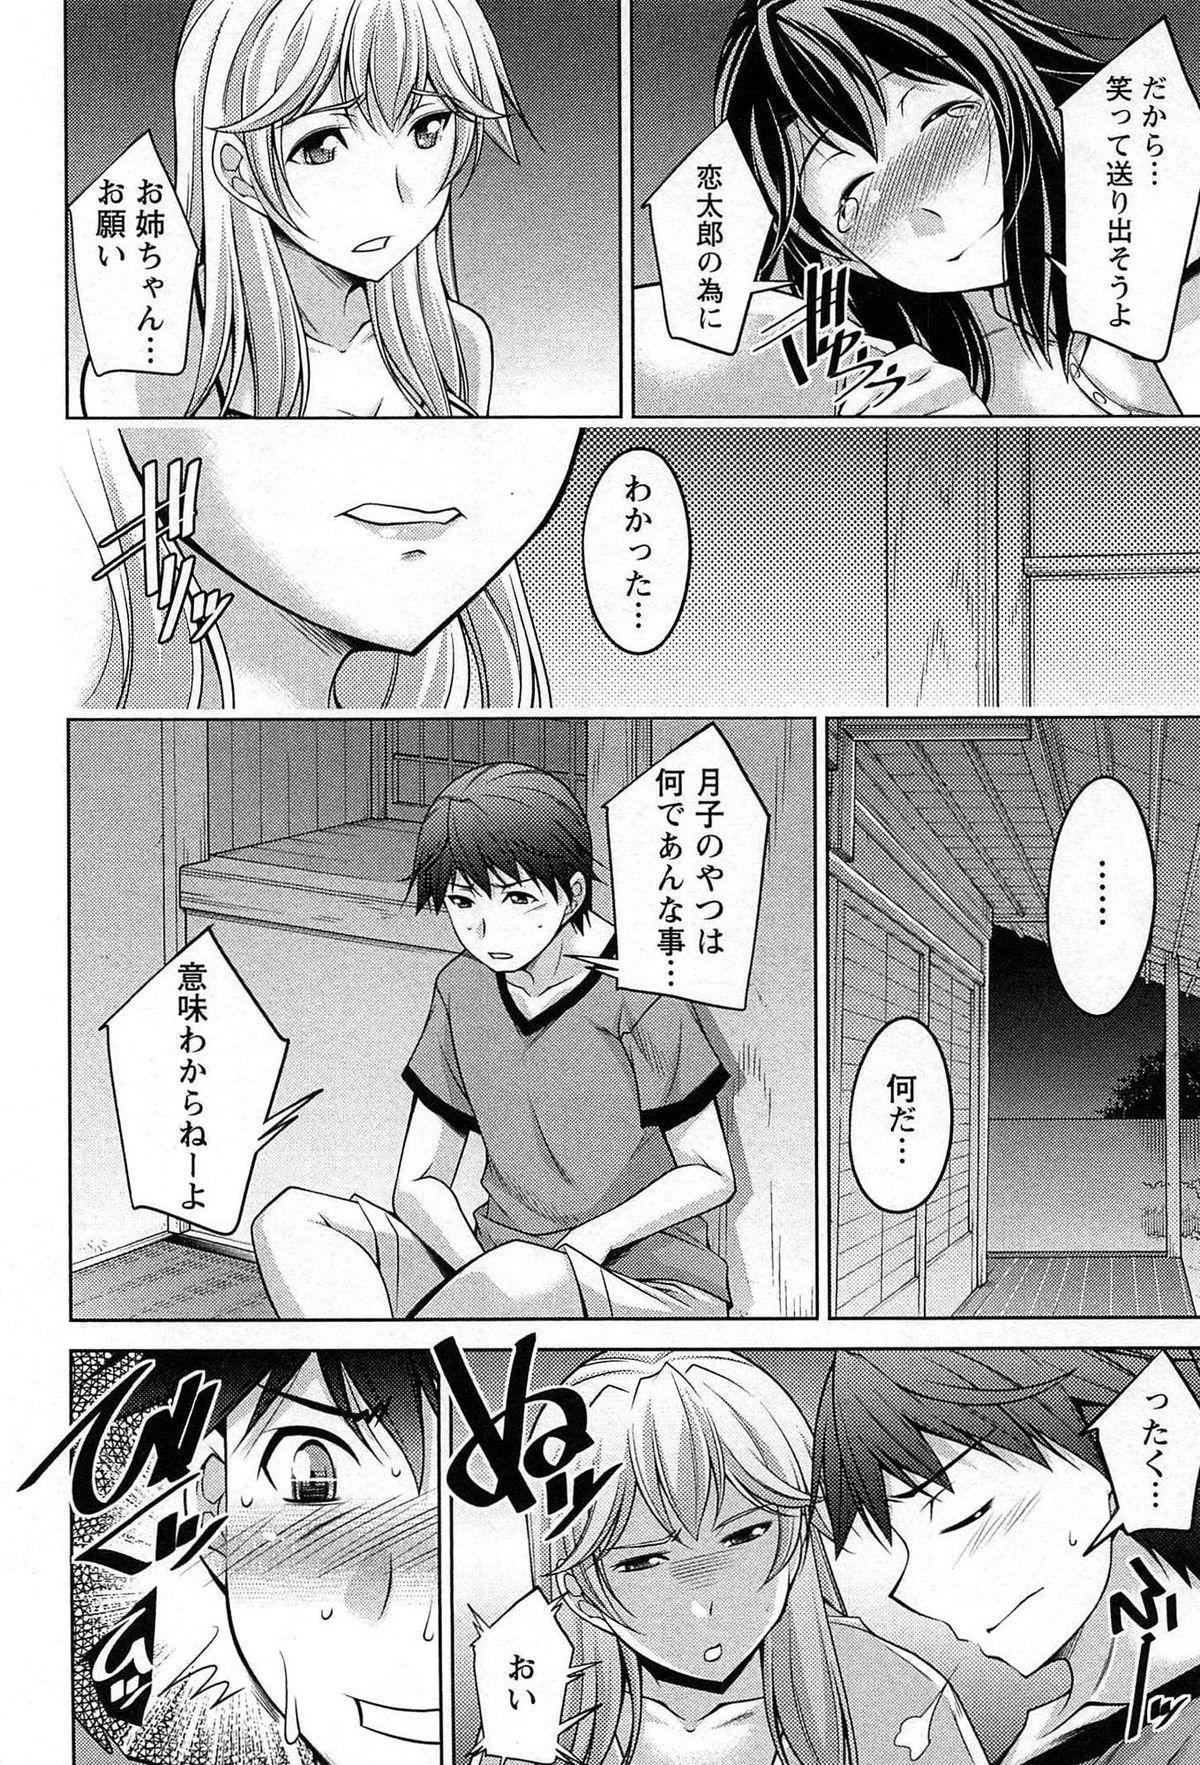 [zen9] Tsuki-wo Ai-Shite - Tsuki-ni Koi-shite 2 156